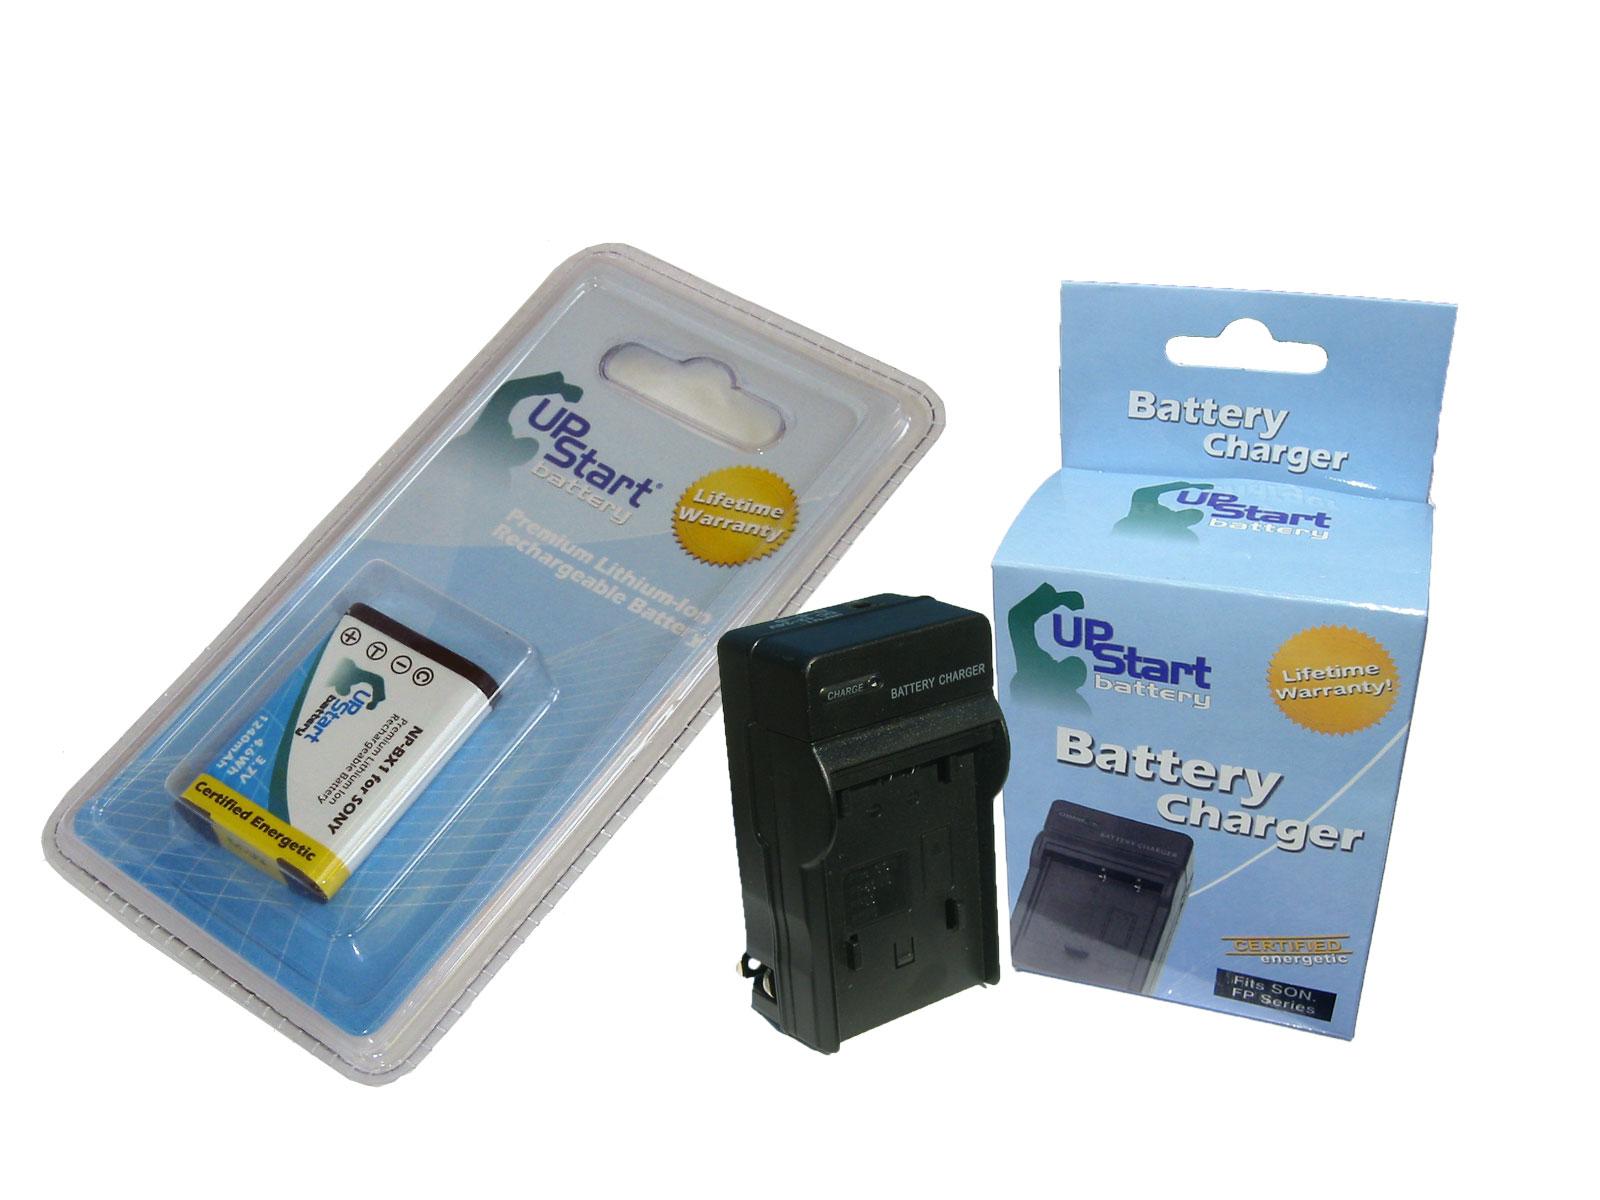 Battery 1000mAh for Sony Cybershot DSC-HX300 DSC-WX300